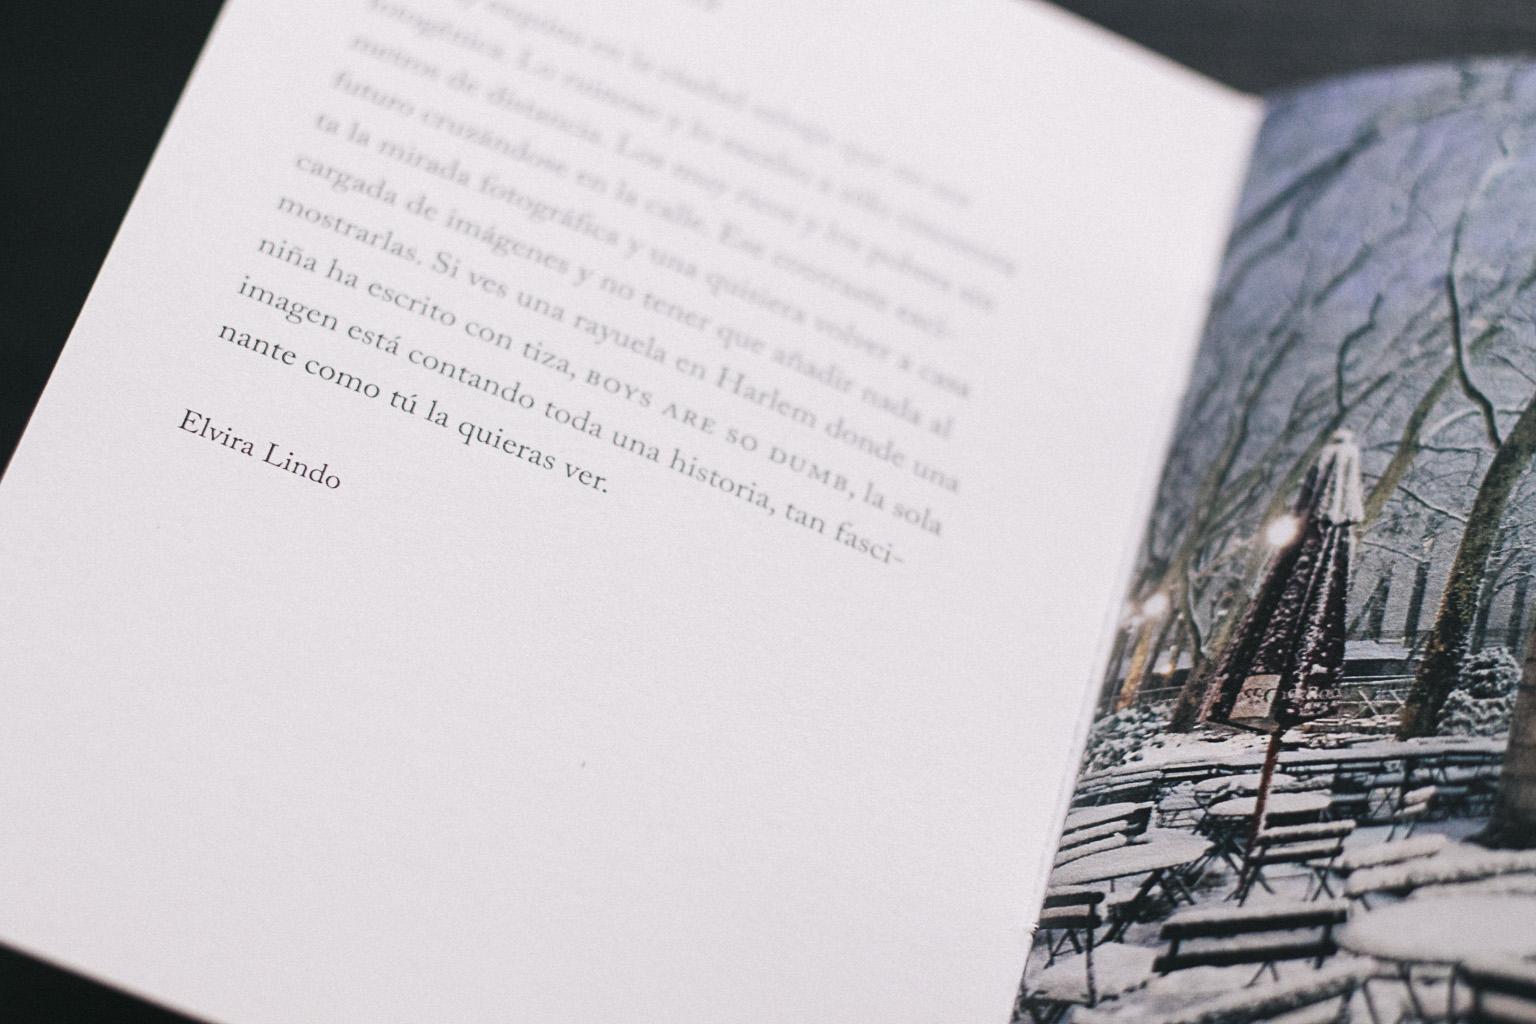 Páginas del fotolibro sobre Nueva York  Boys Are So Dumb de Elvira Lindo. Pages from the photobook about New York  Boys Are So Dumb by the writer Elvira LIndo.